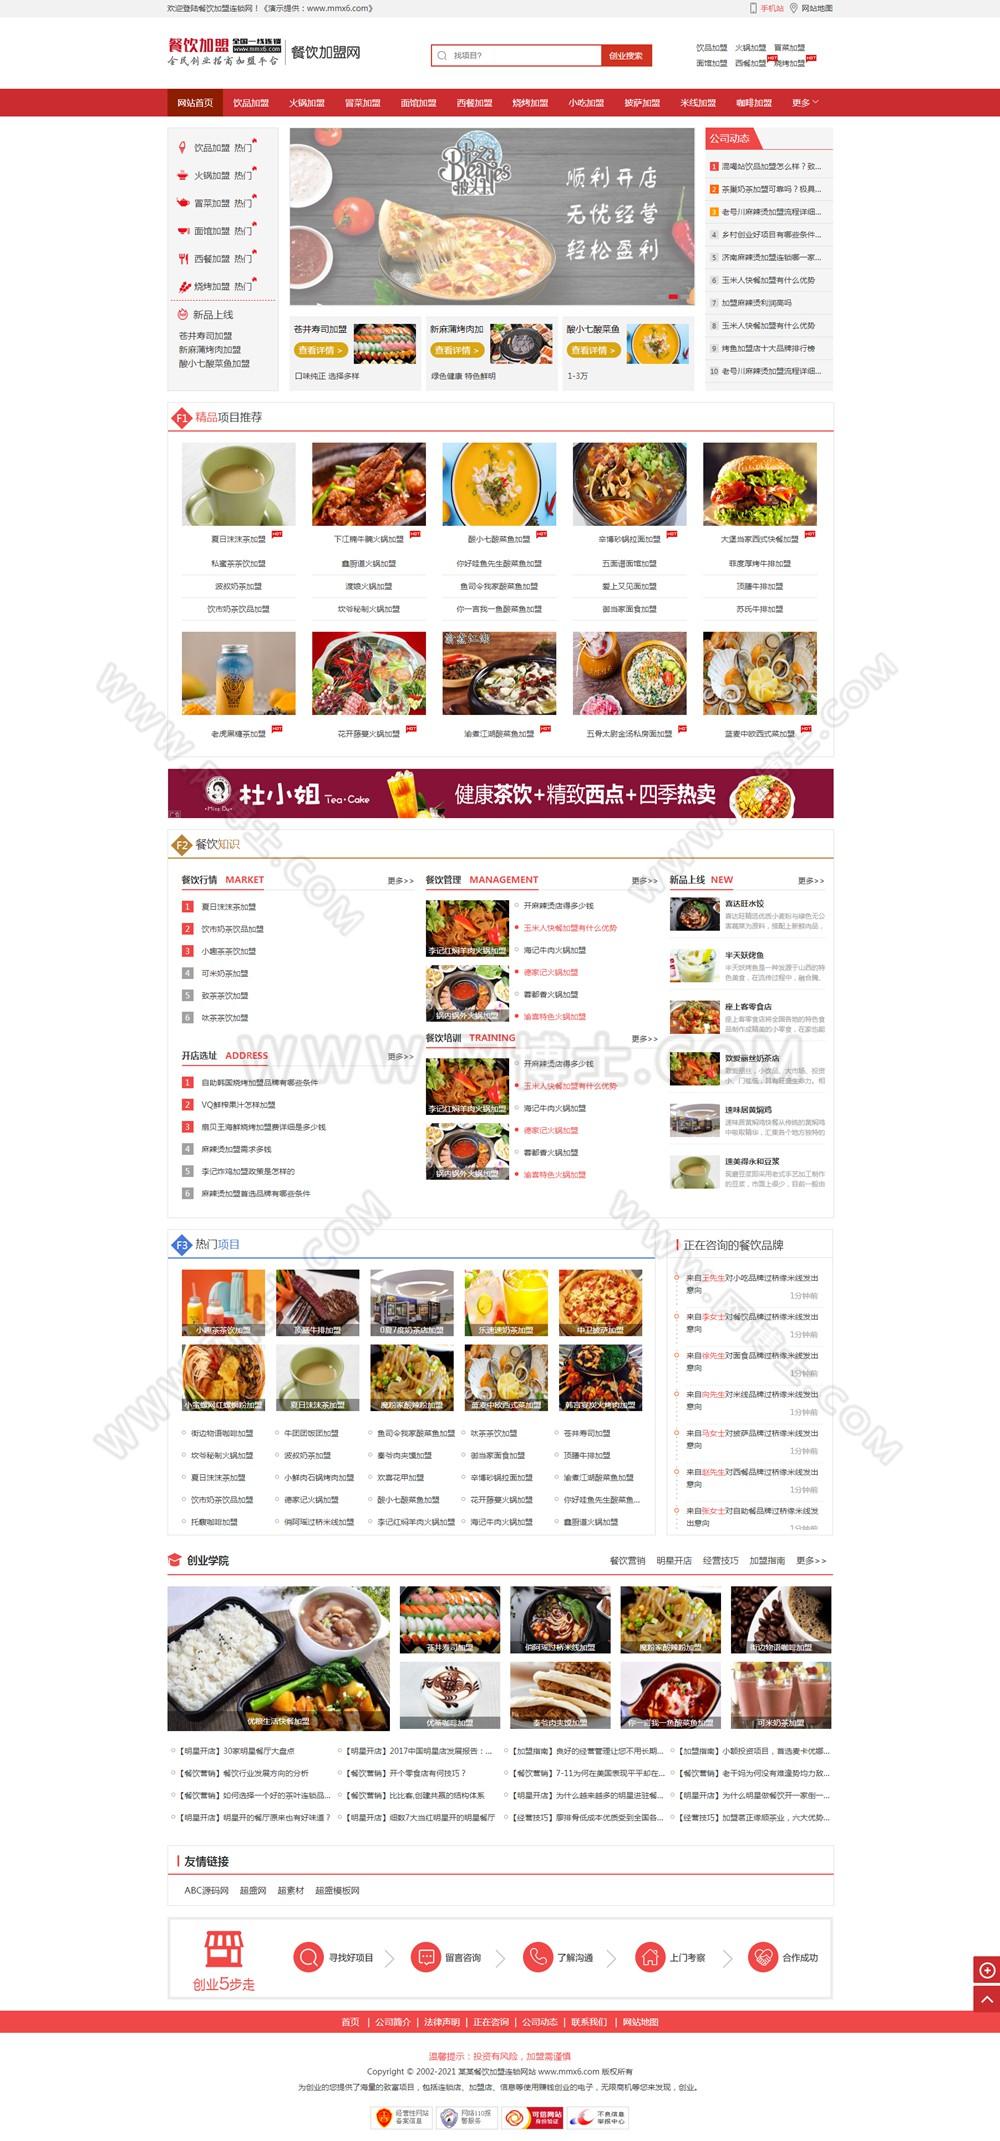 餐饮加盟行业网站织梦模板 招商加盟网站源码 小吃美食餐饮网站